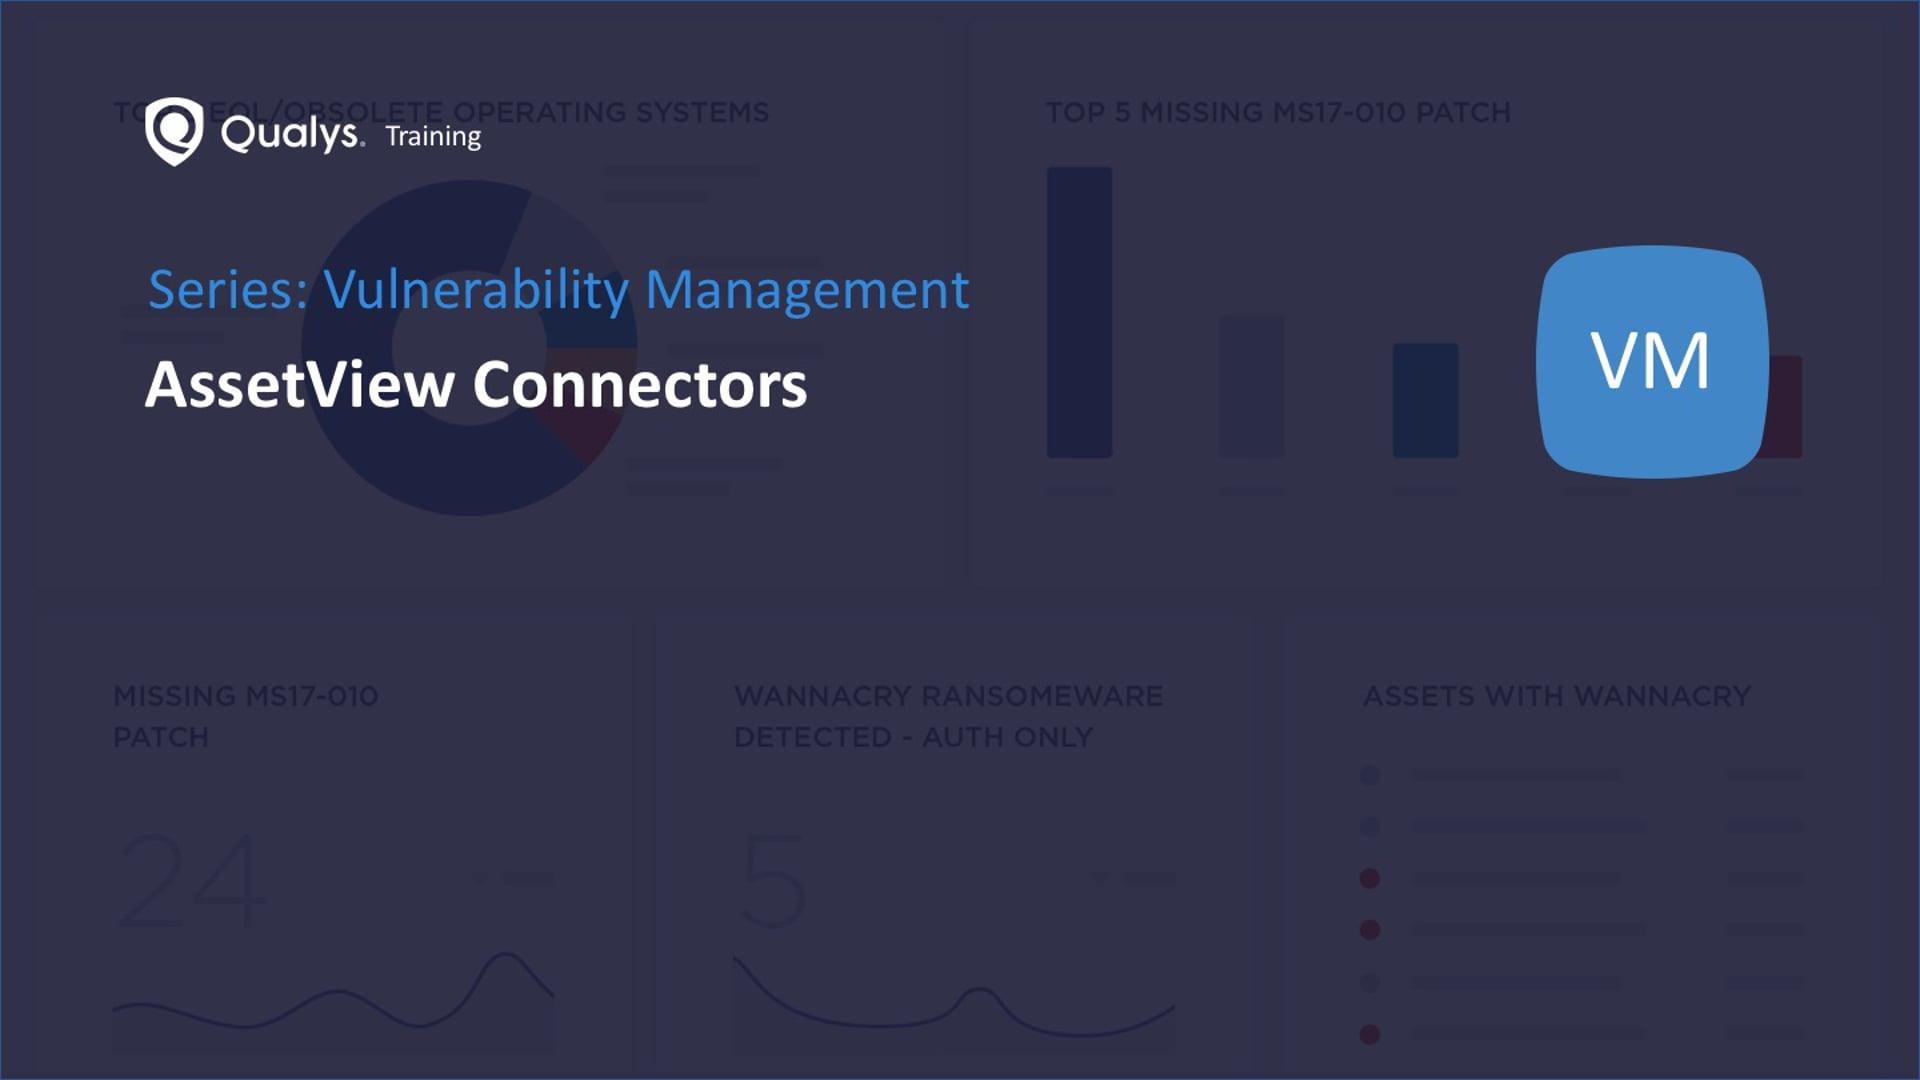 AssetView Connectors